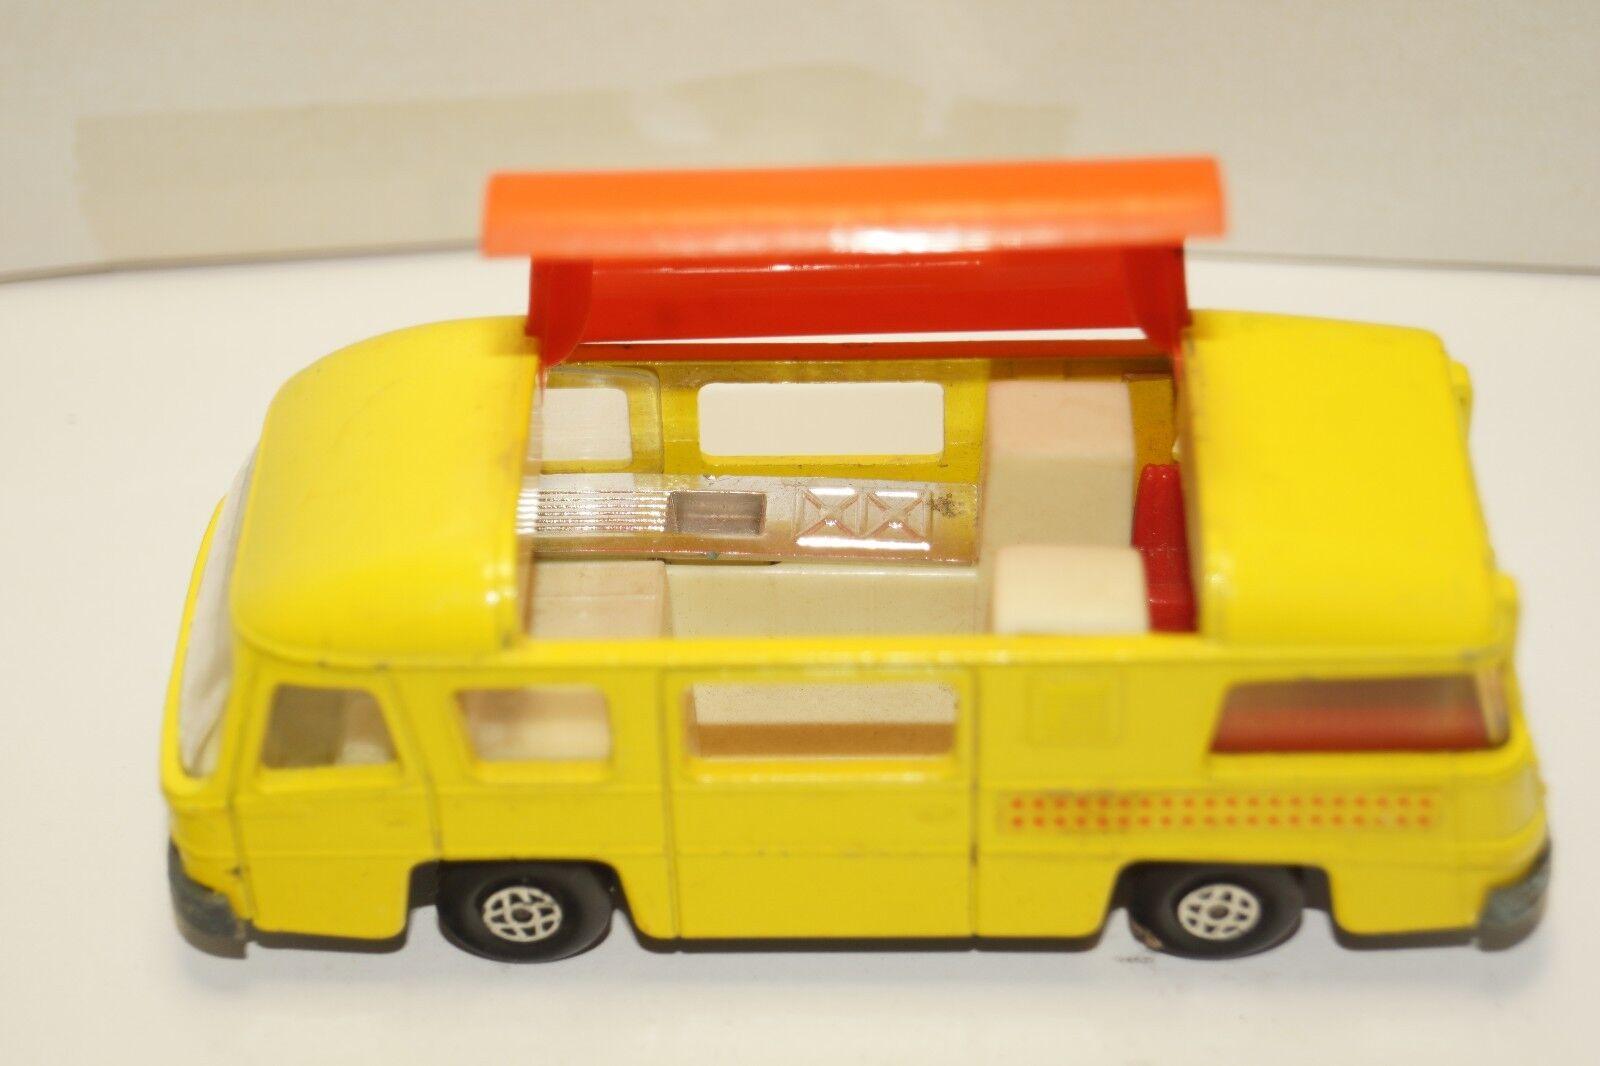 ORIGINAL Matchlåda - Speed Kings - K -27 Camping Cruiser - gul - orange Roof